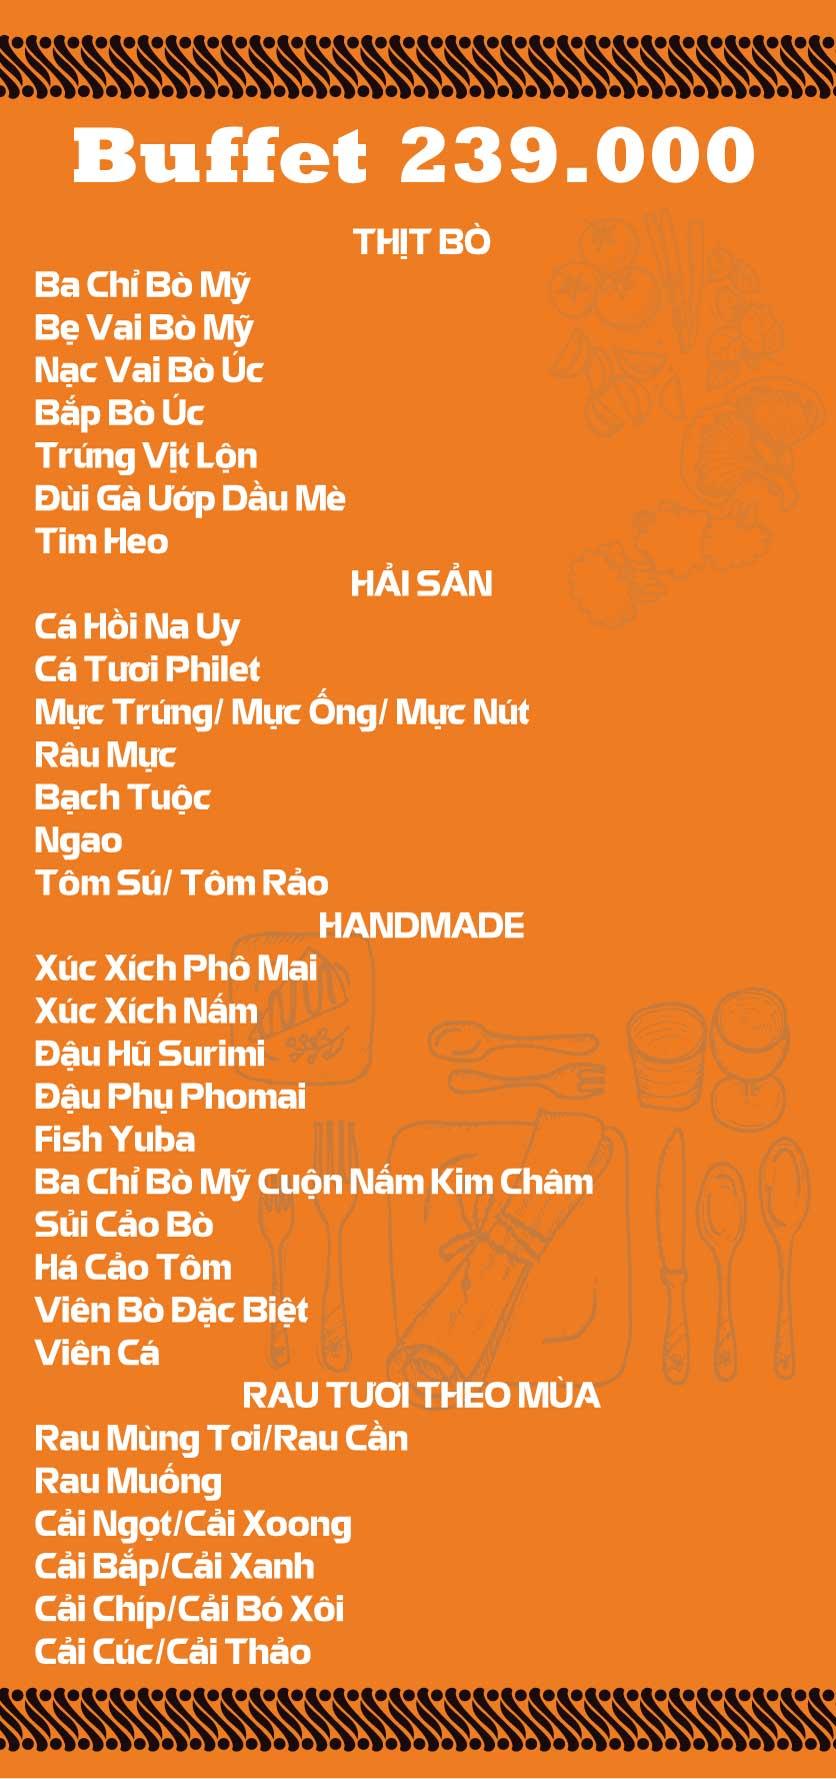 Menu Lẩu Băng Chuyền Kichi-Kichi - Linh Đàm 3